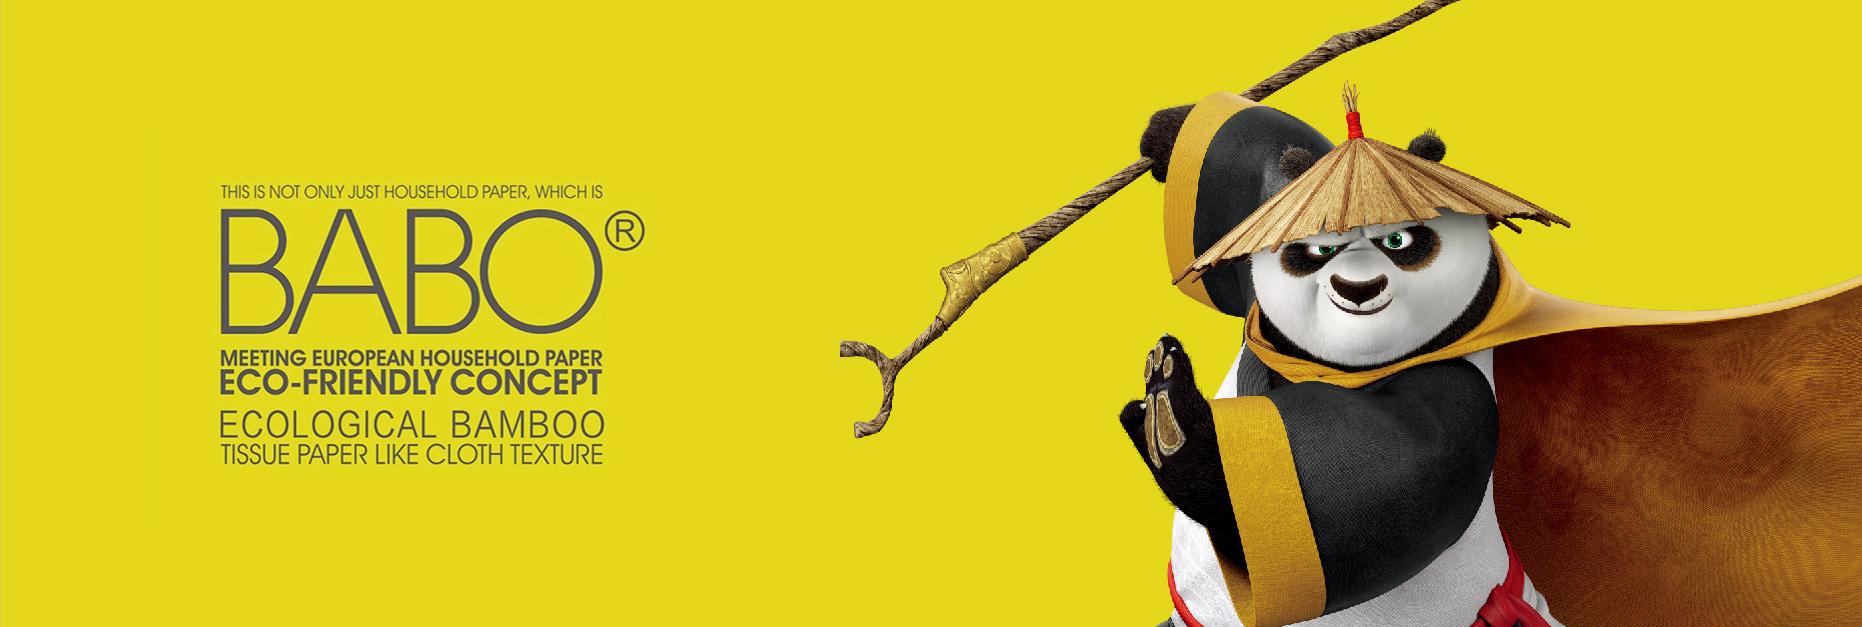 斑布形象广告-横版-2